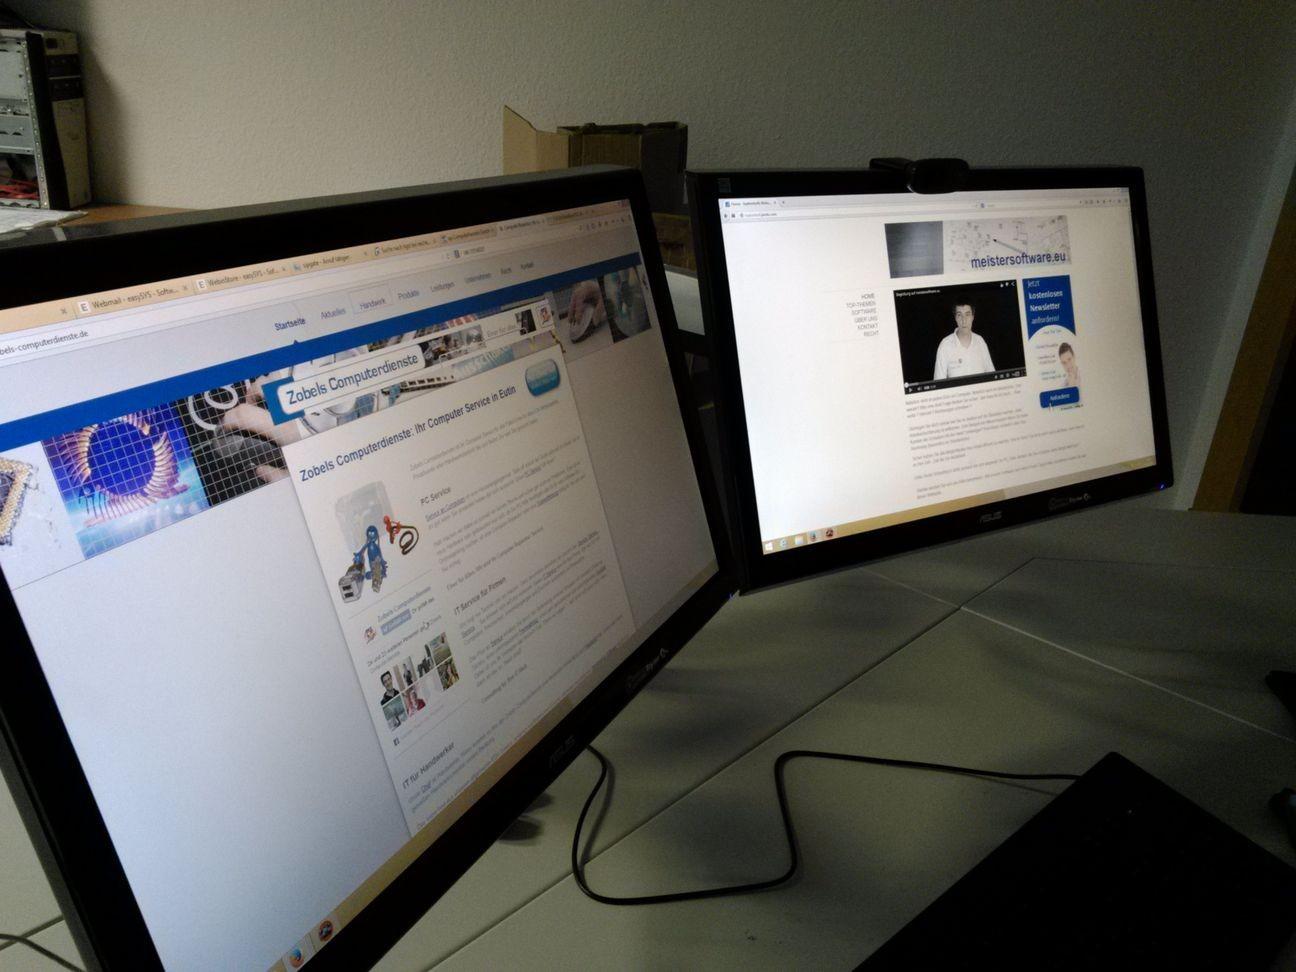 große Monitore auf denen Zobels Computerdienste zu sehen ist